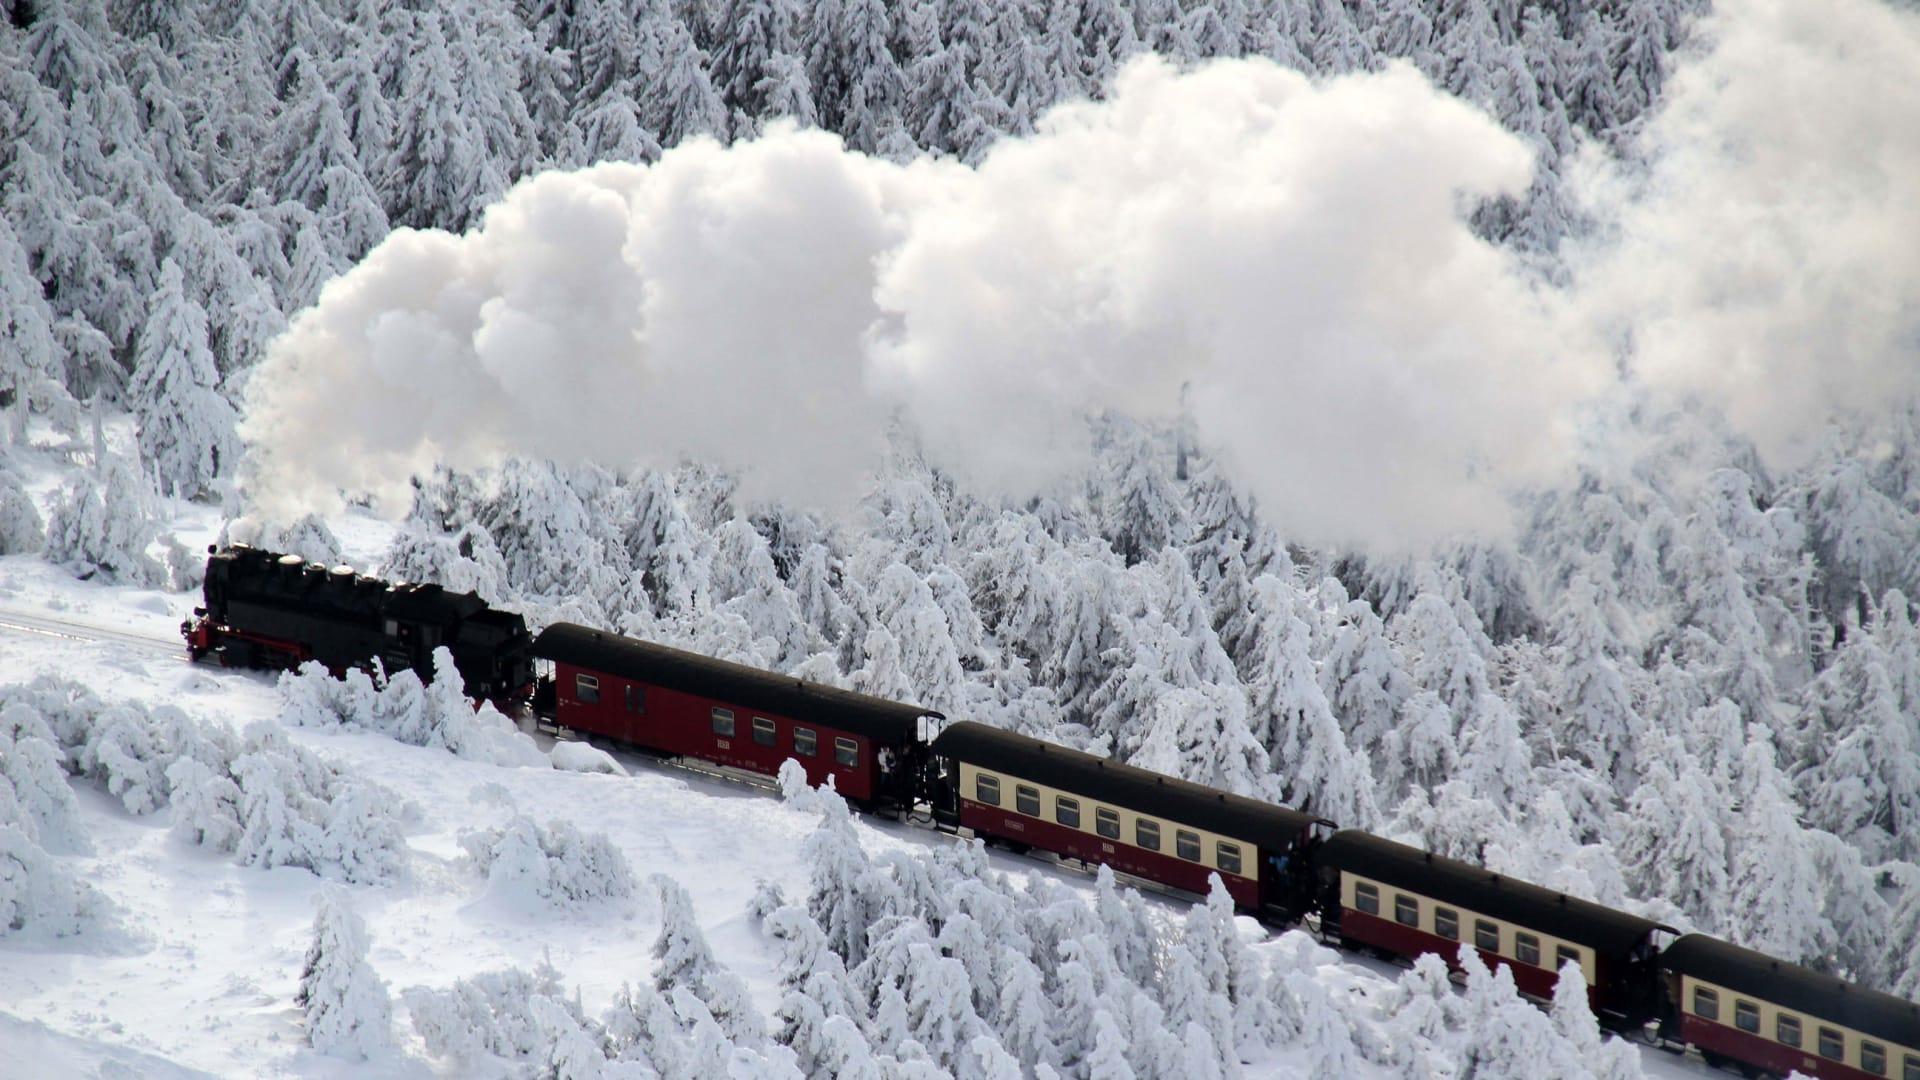 بين الأشباح والجواسيس..إليكم تاريخ سكك الحديد البخارية التي لا تزال قيد التشغيل بألمانيا